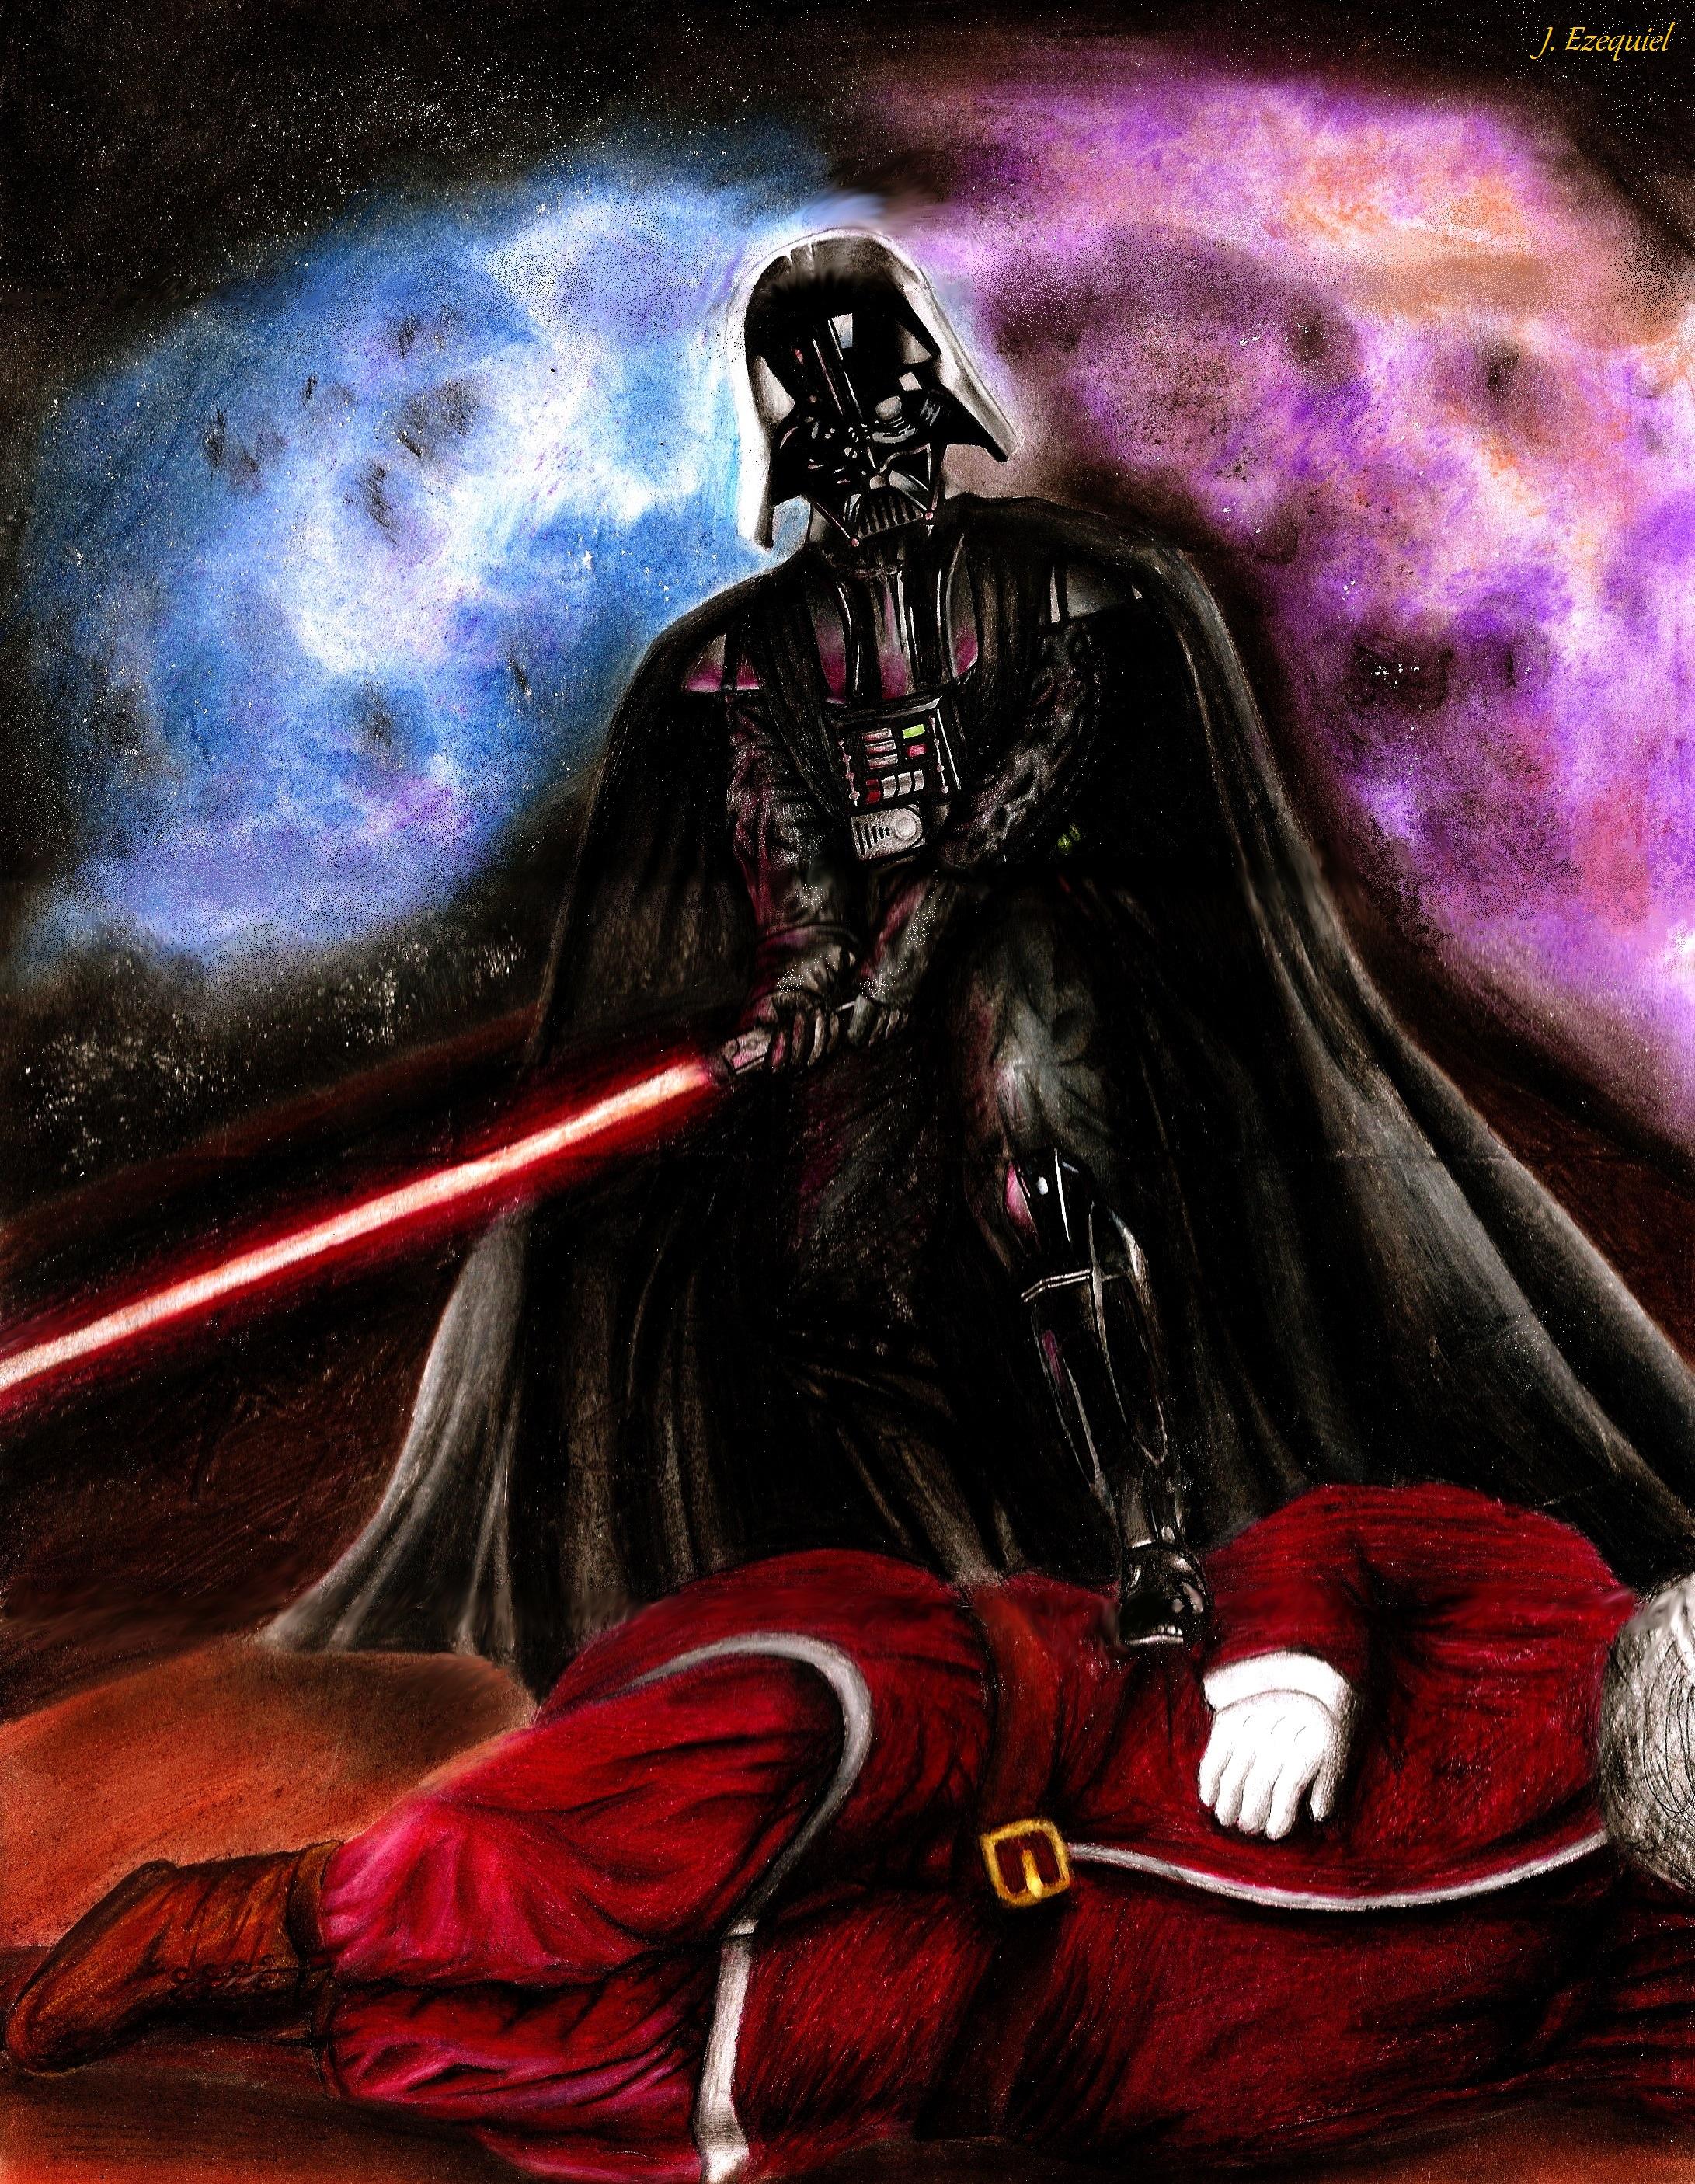 Darth Vader beating Christmas